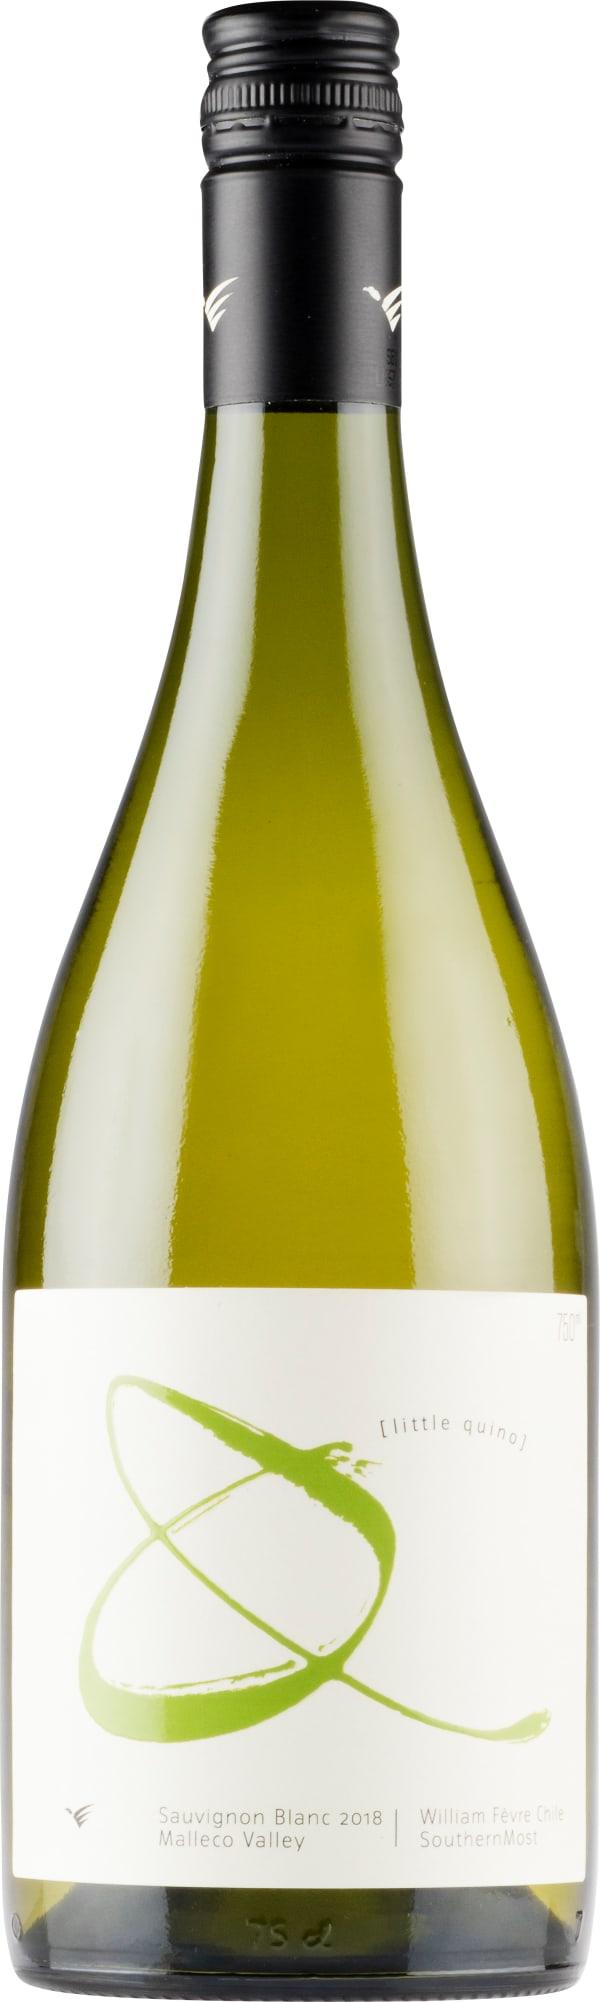 Little Quino Sauvignon Blanc 2019